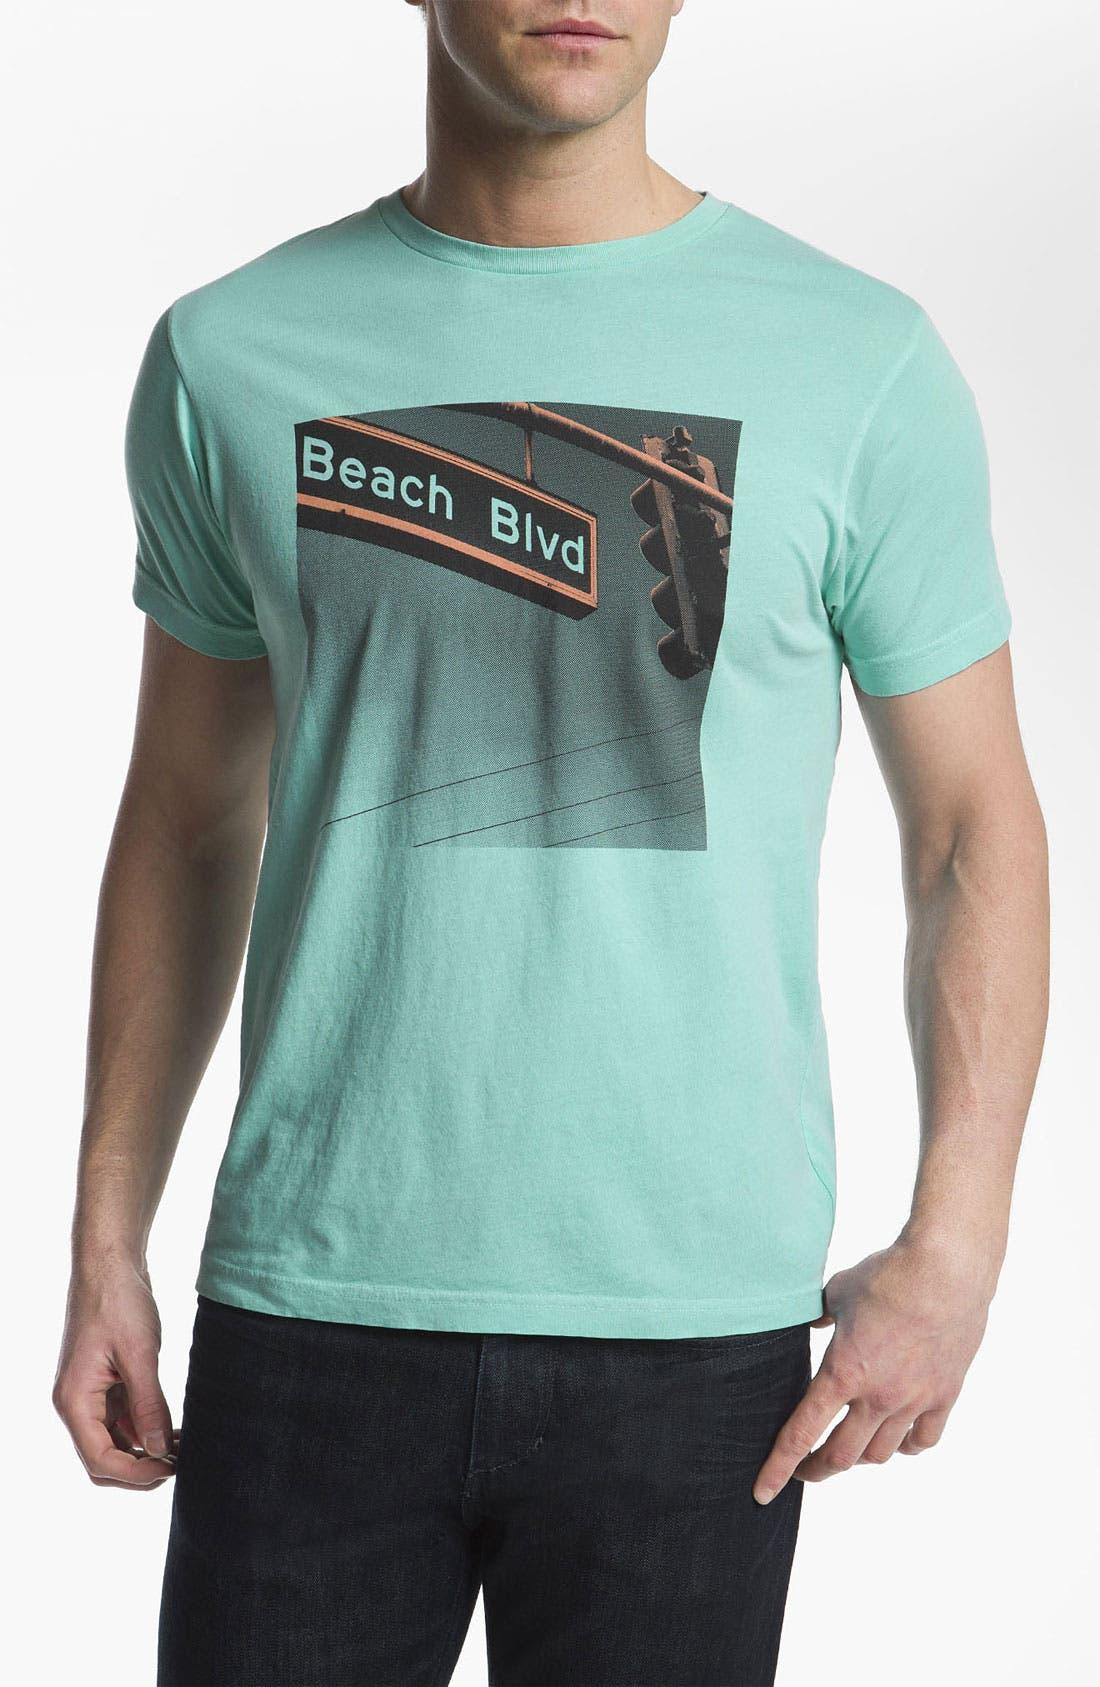 Main Image - Warriors of Radness 'Beach Blvd' T-Shirt